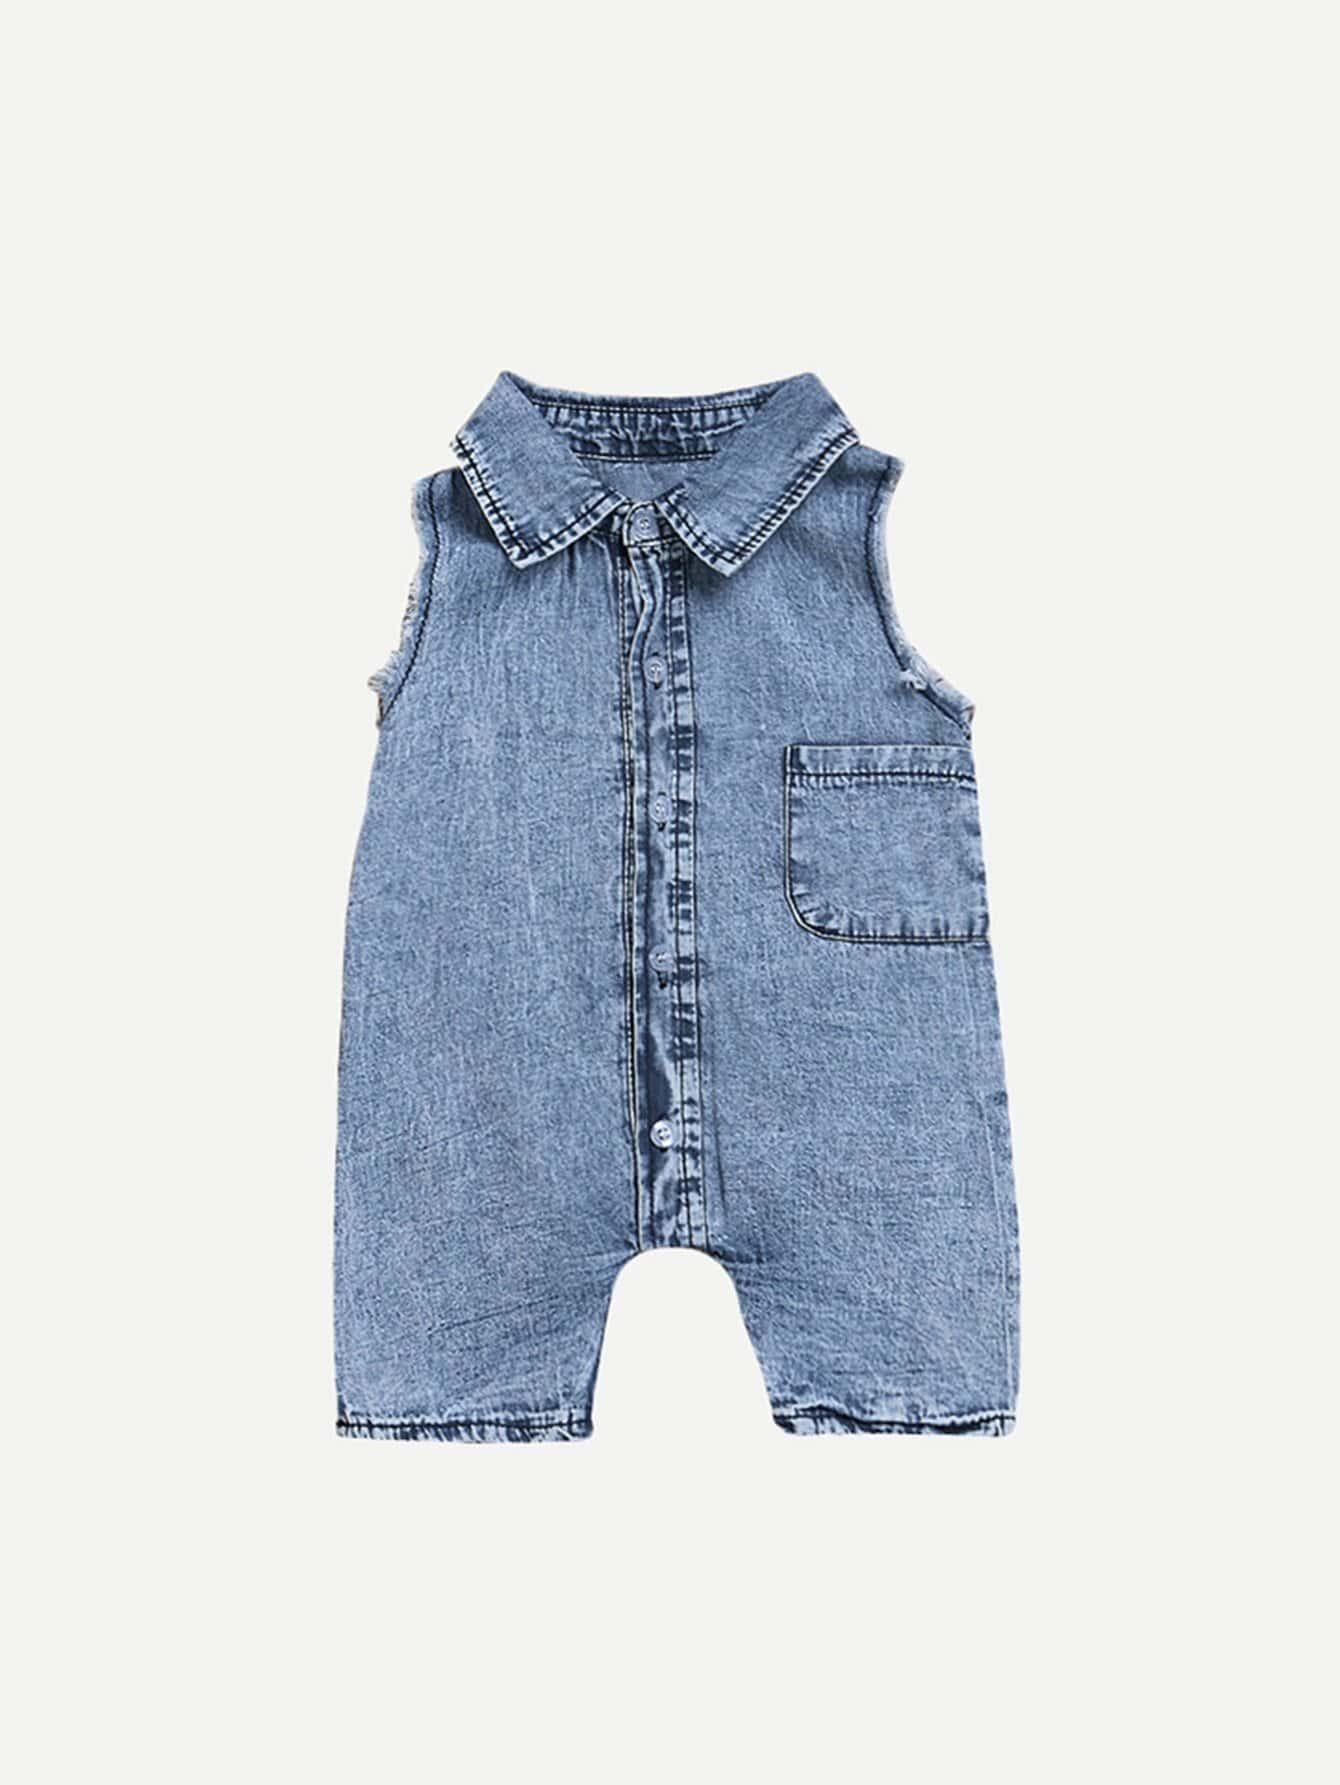 Купить Рваный джинсовый комбинезон как промывания и без рукавов для мальчика, null, SheIn